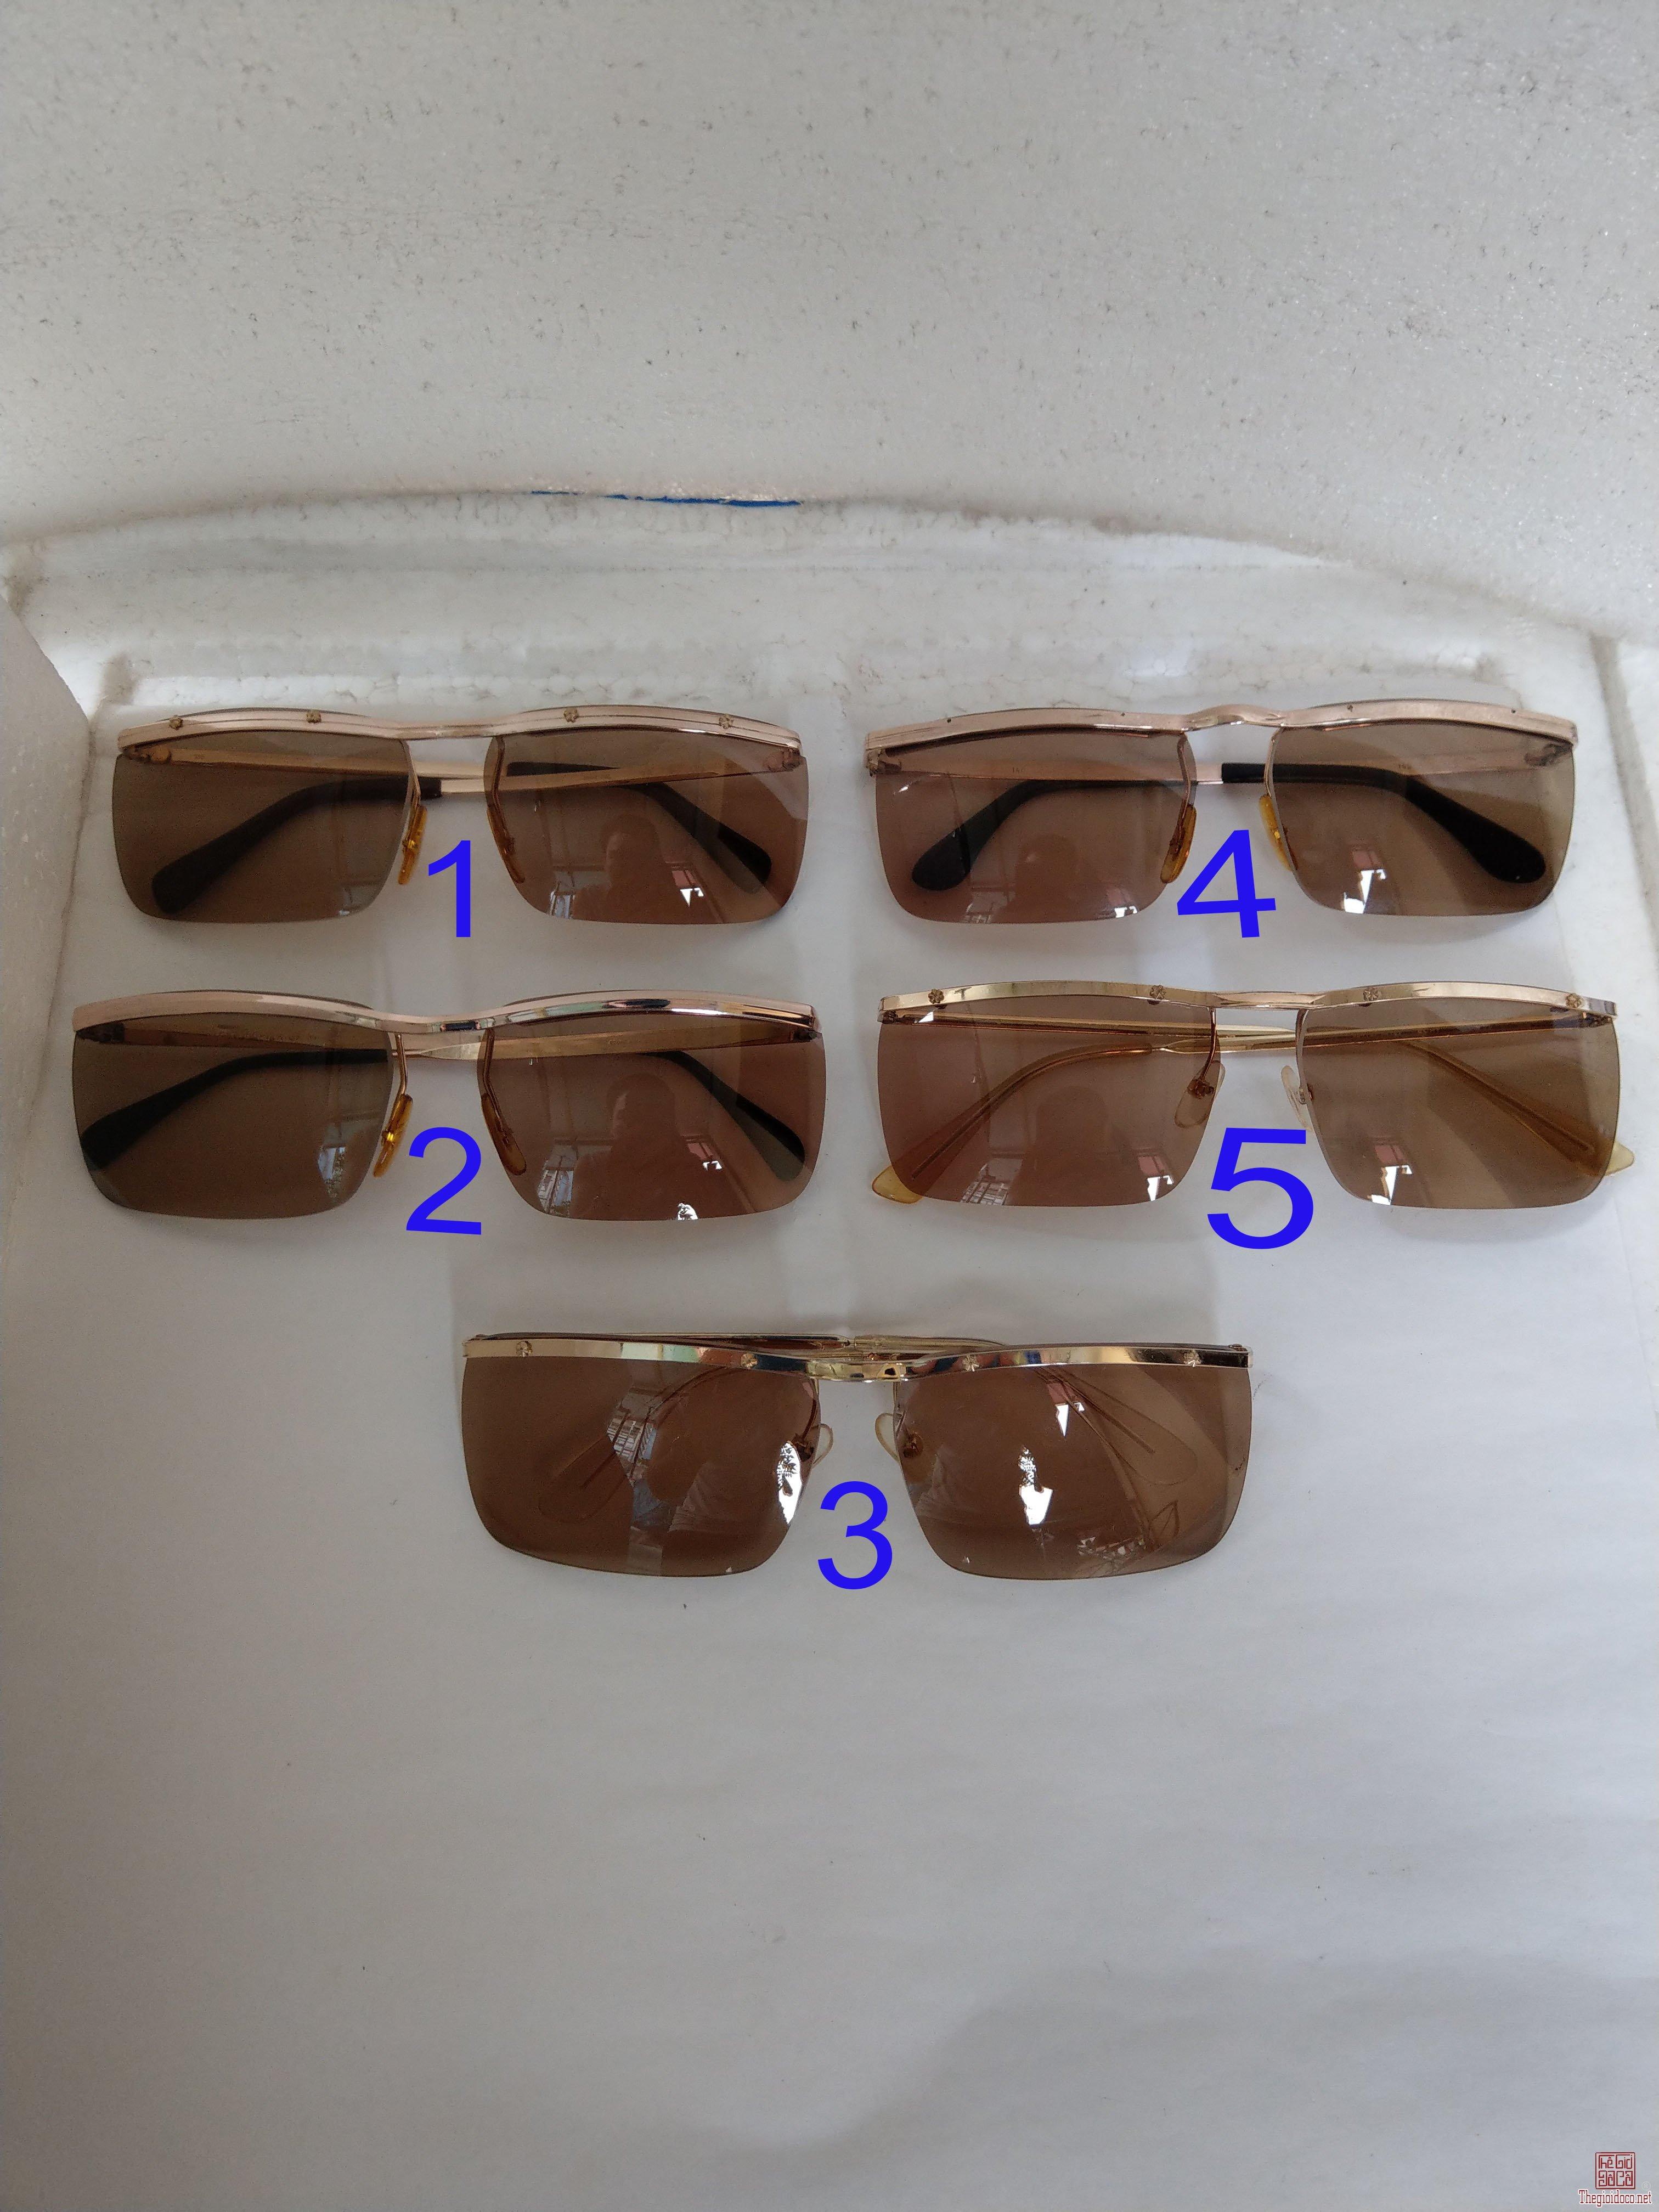 Có 5 cái kính cổ mạ vàng bọc vàng có đầy đủ các thương hiệu nổi tiếng trên toàn thế giới...